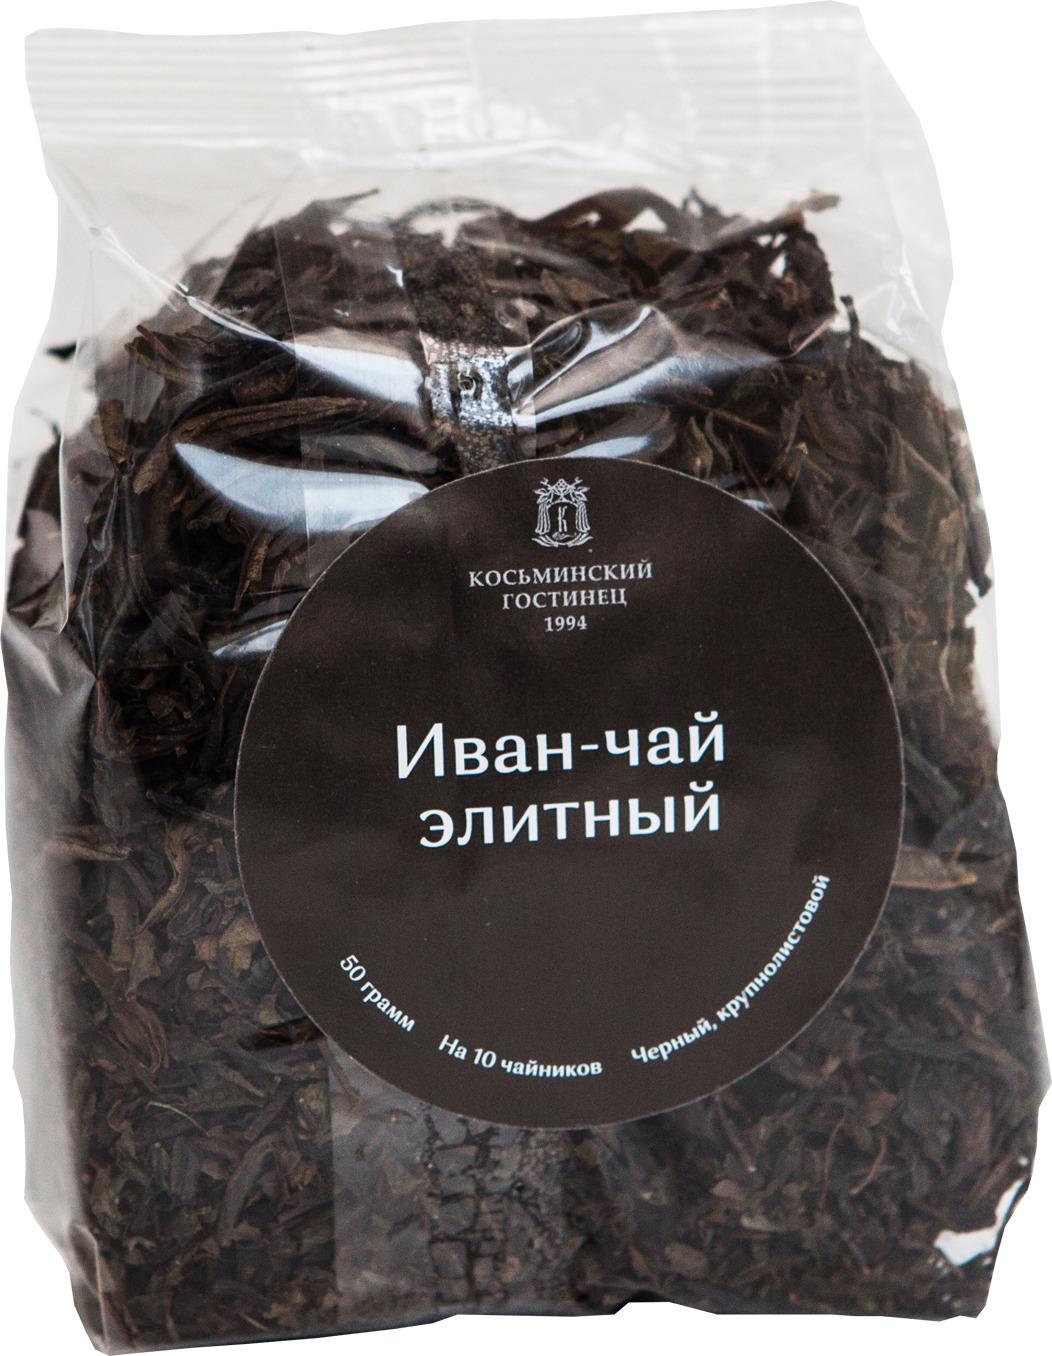 Иван-чай крупнолистовой Косьминский гостинец Элит, 50 г иван чай крупнолистовой косьминский гостинец с мелиссой 50 г